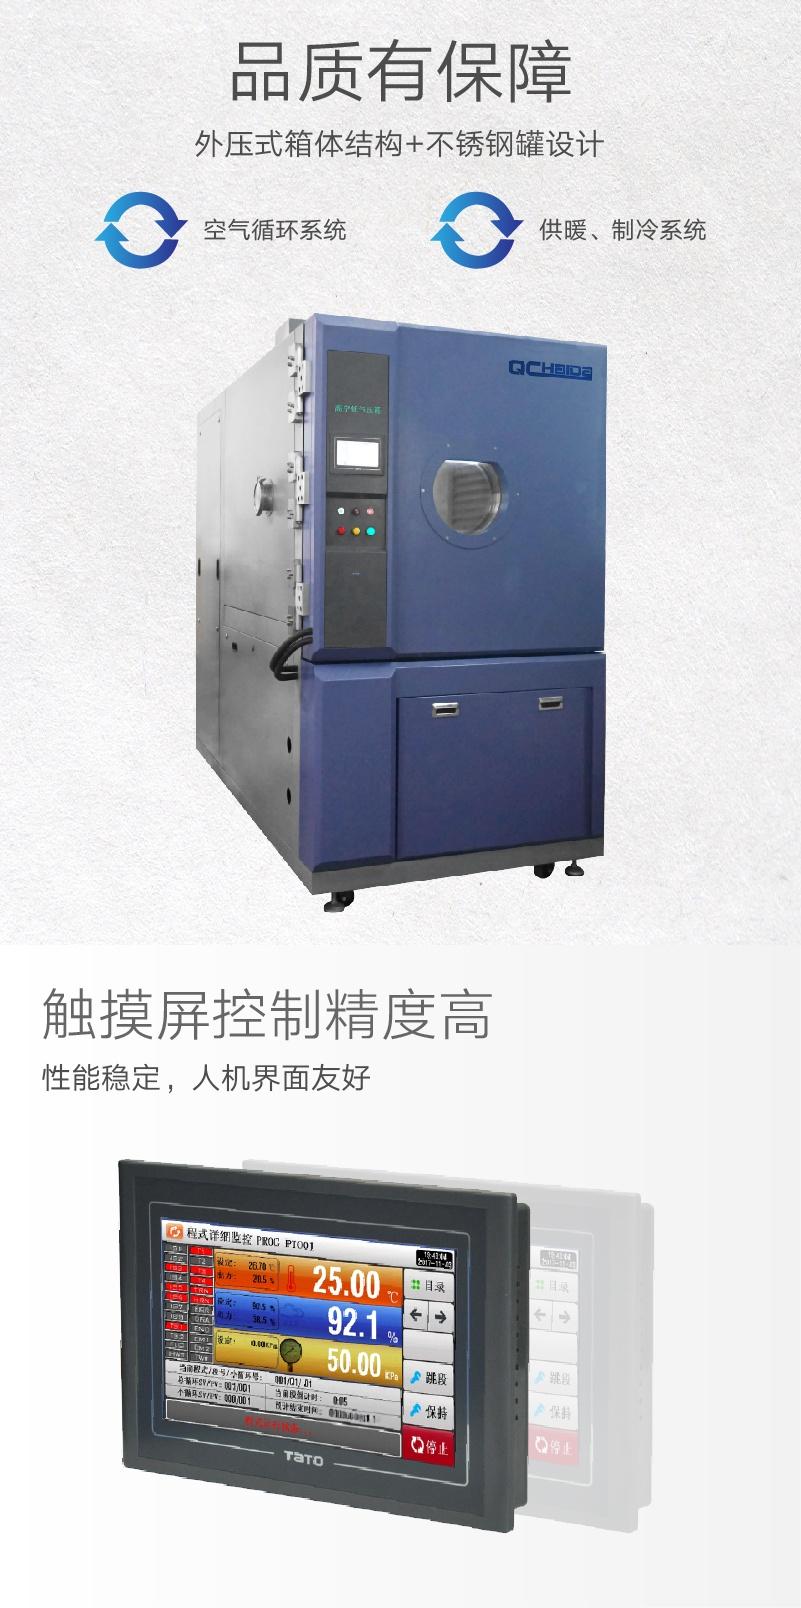 HD-E714高空低氣壓試驗機 (3).jpg